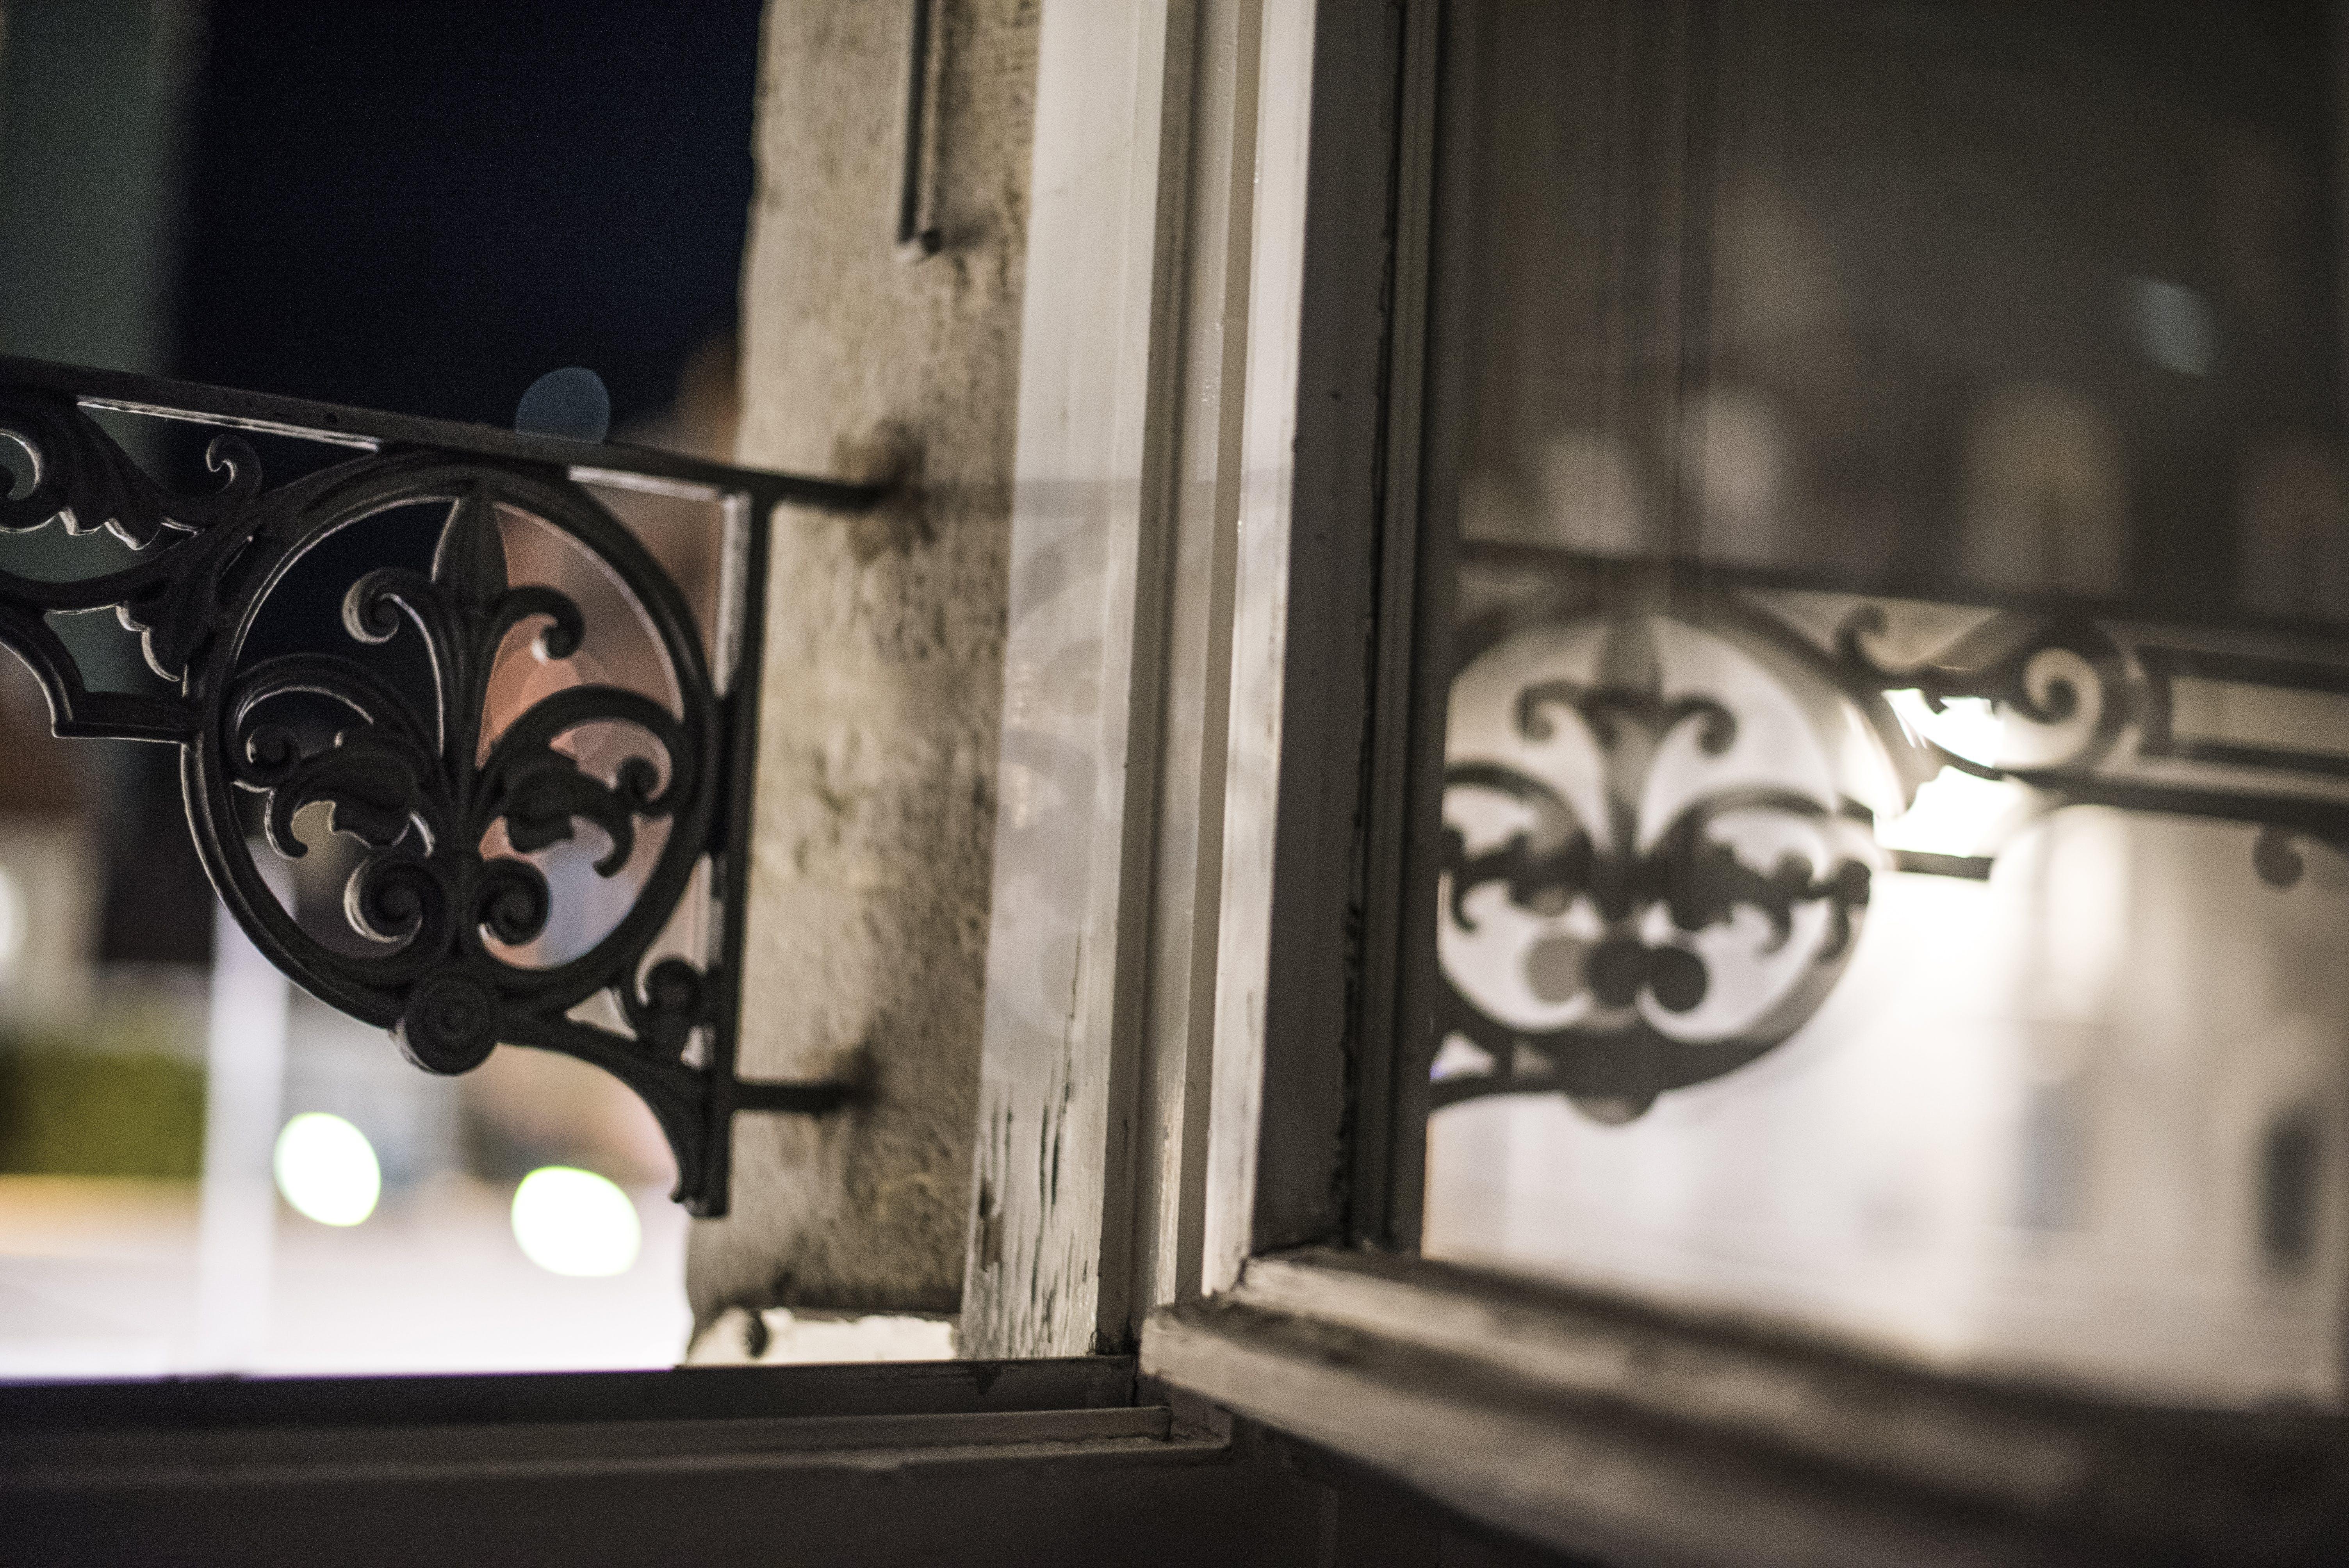 Gratis arkivbilde med lysrefleksjoner, natt, nattfotografi, uteliv